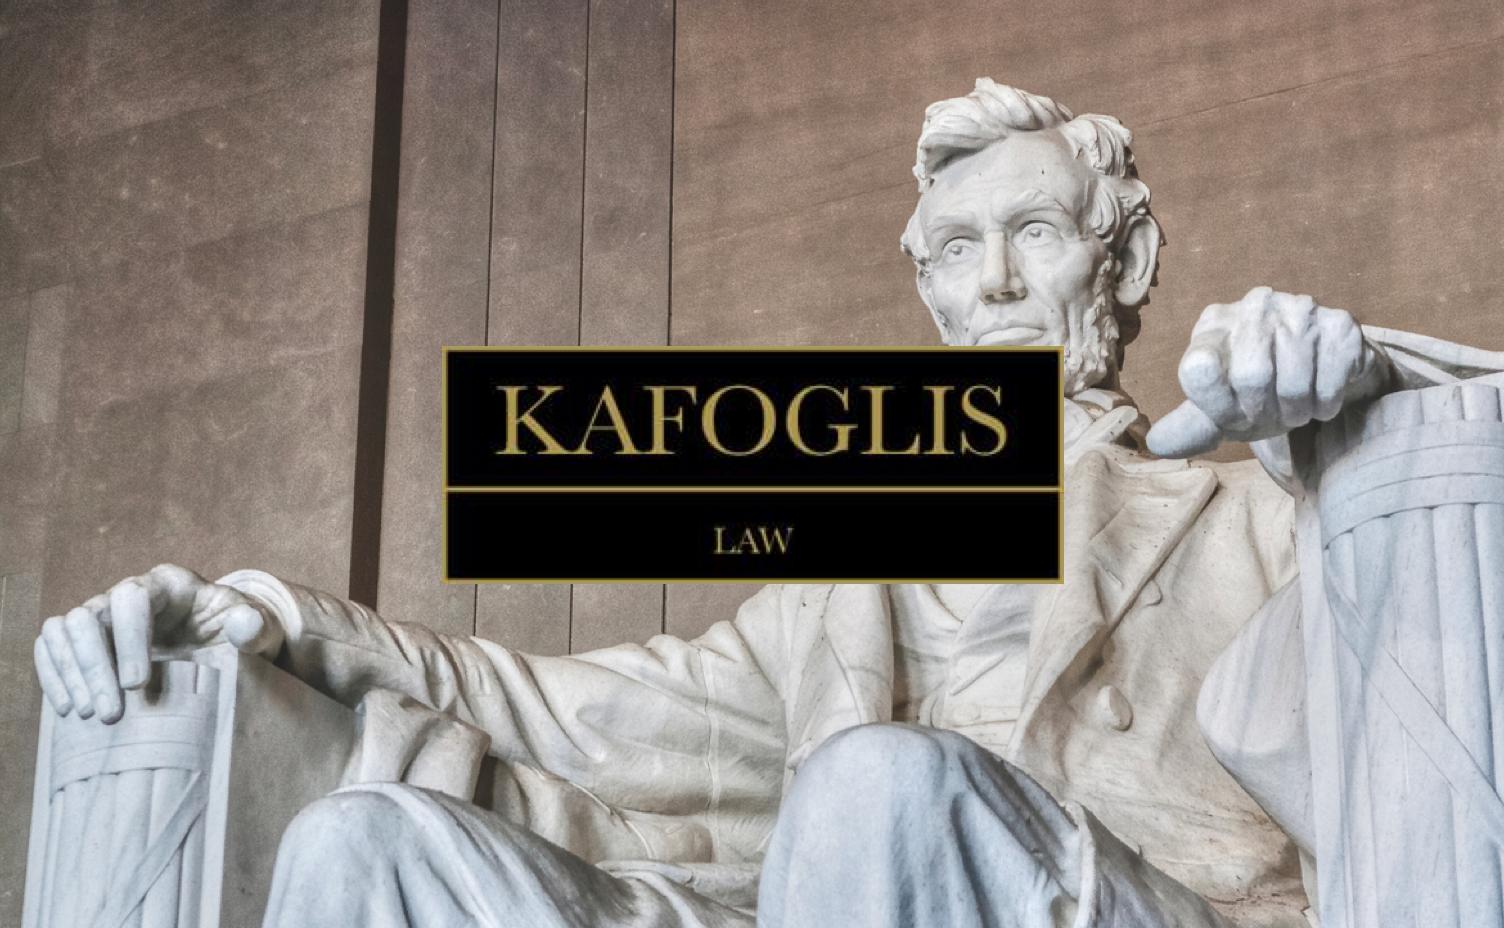 KAFOLGIS LAW